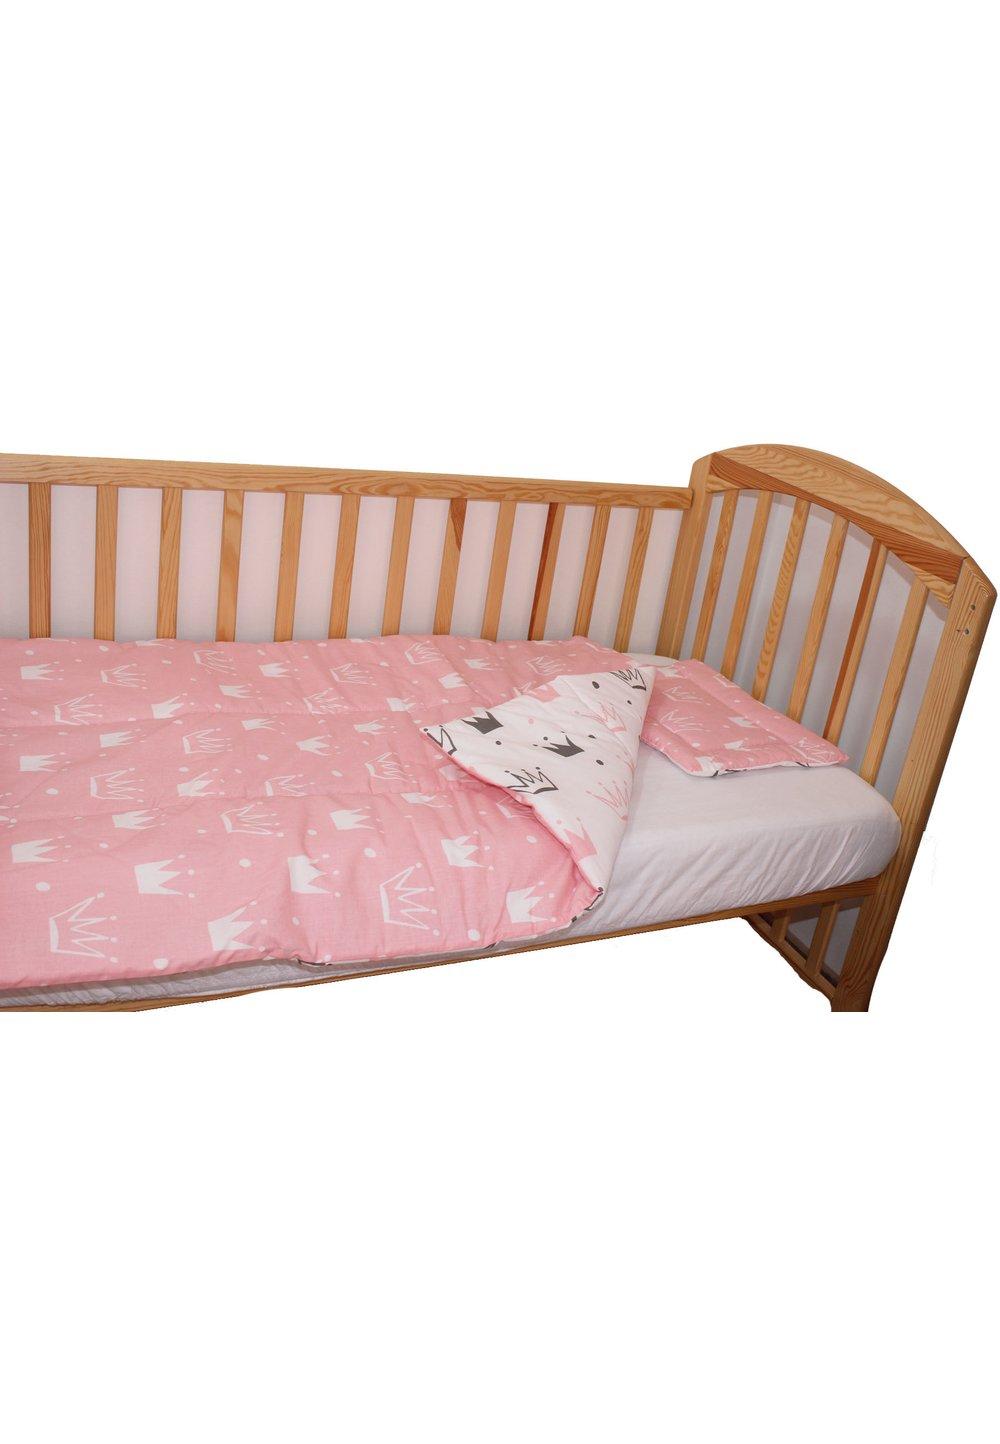 Lenjerie 3 piese, 2 fete, coronite Princess roz, 120 x 60 cm imagine